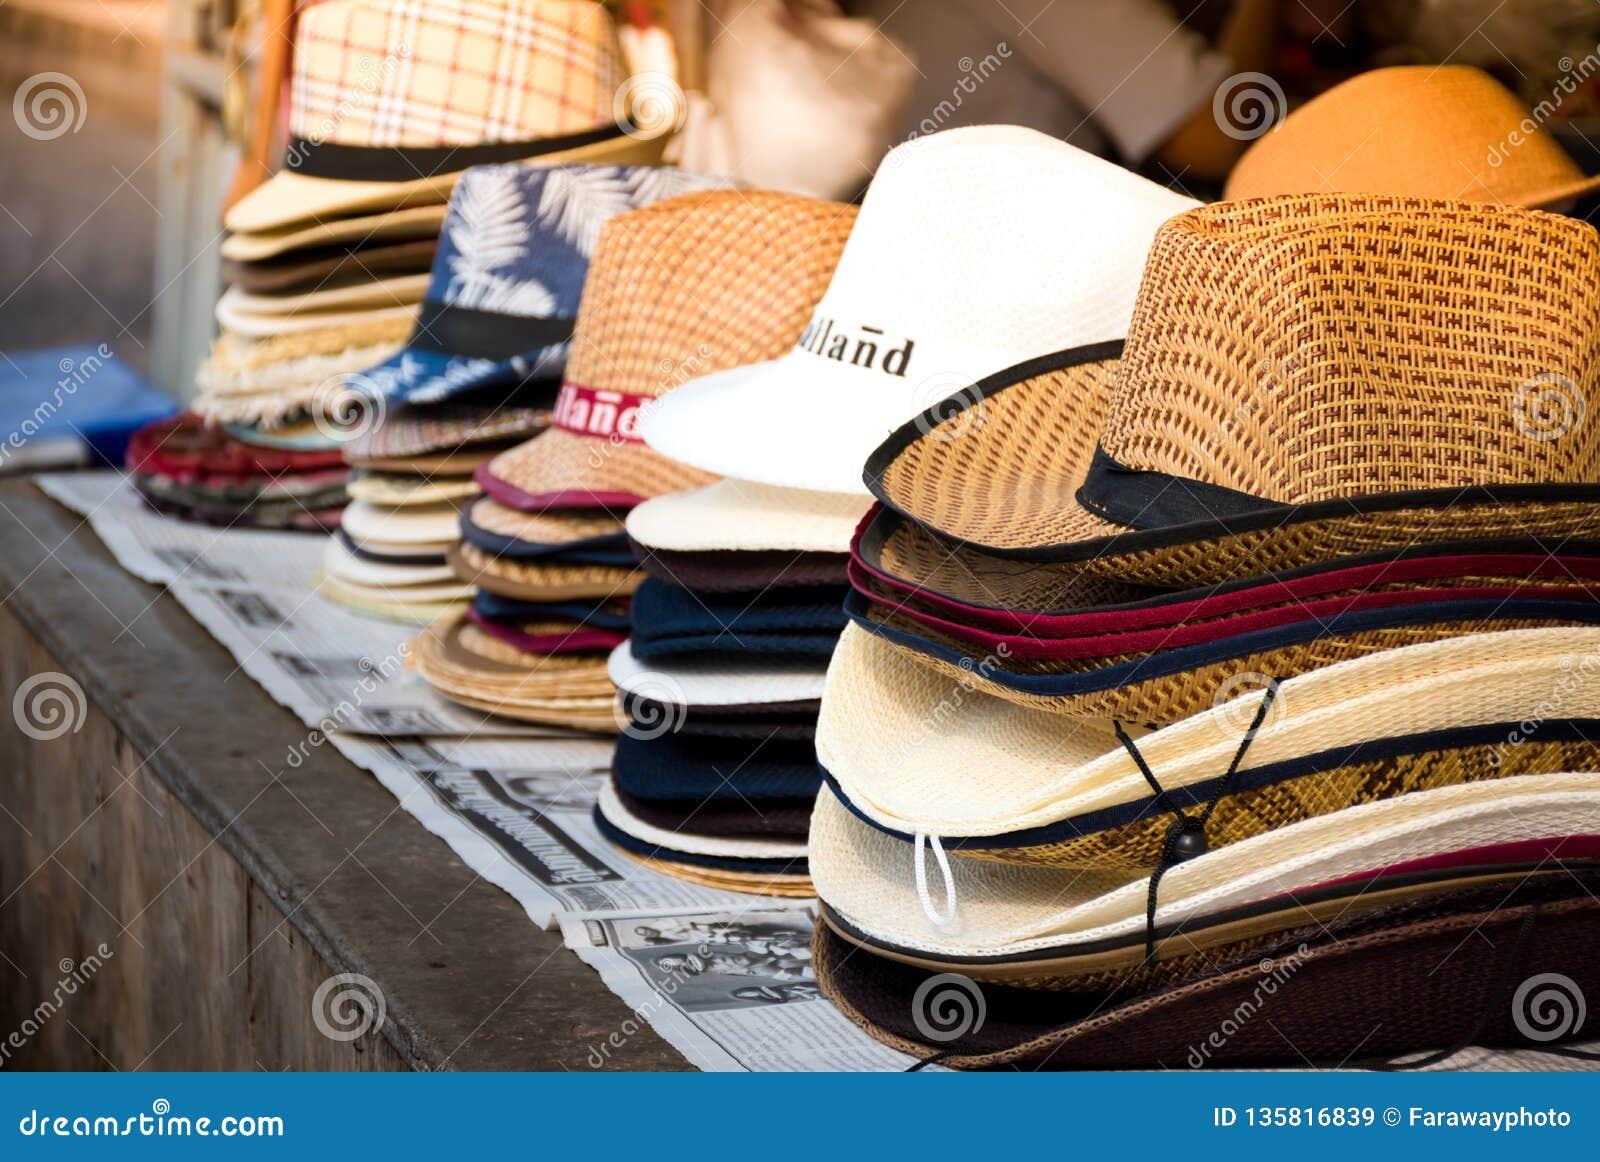 Zähler mit den verschiedenen Hüten, die verkauft werden